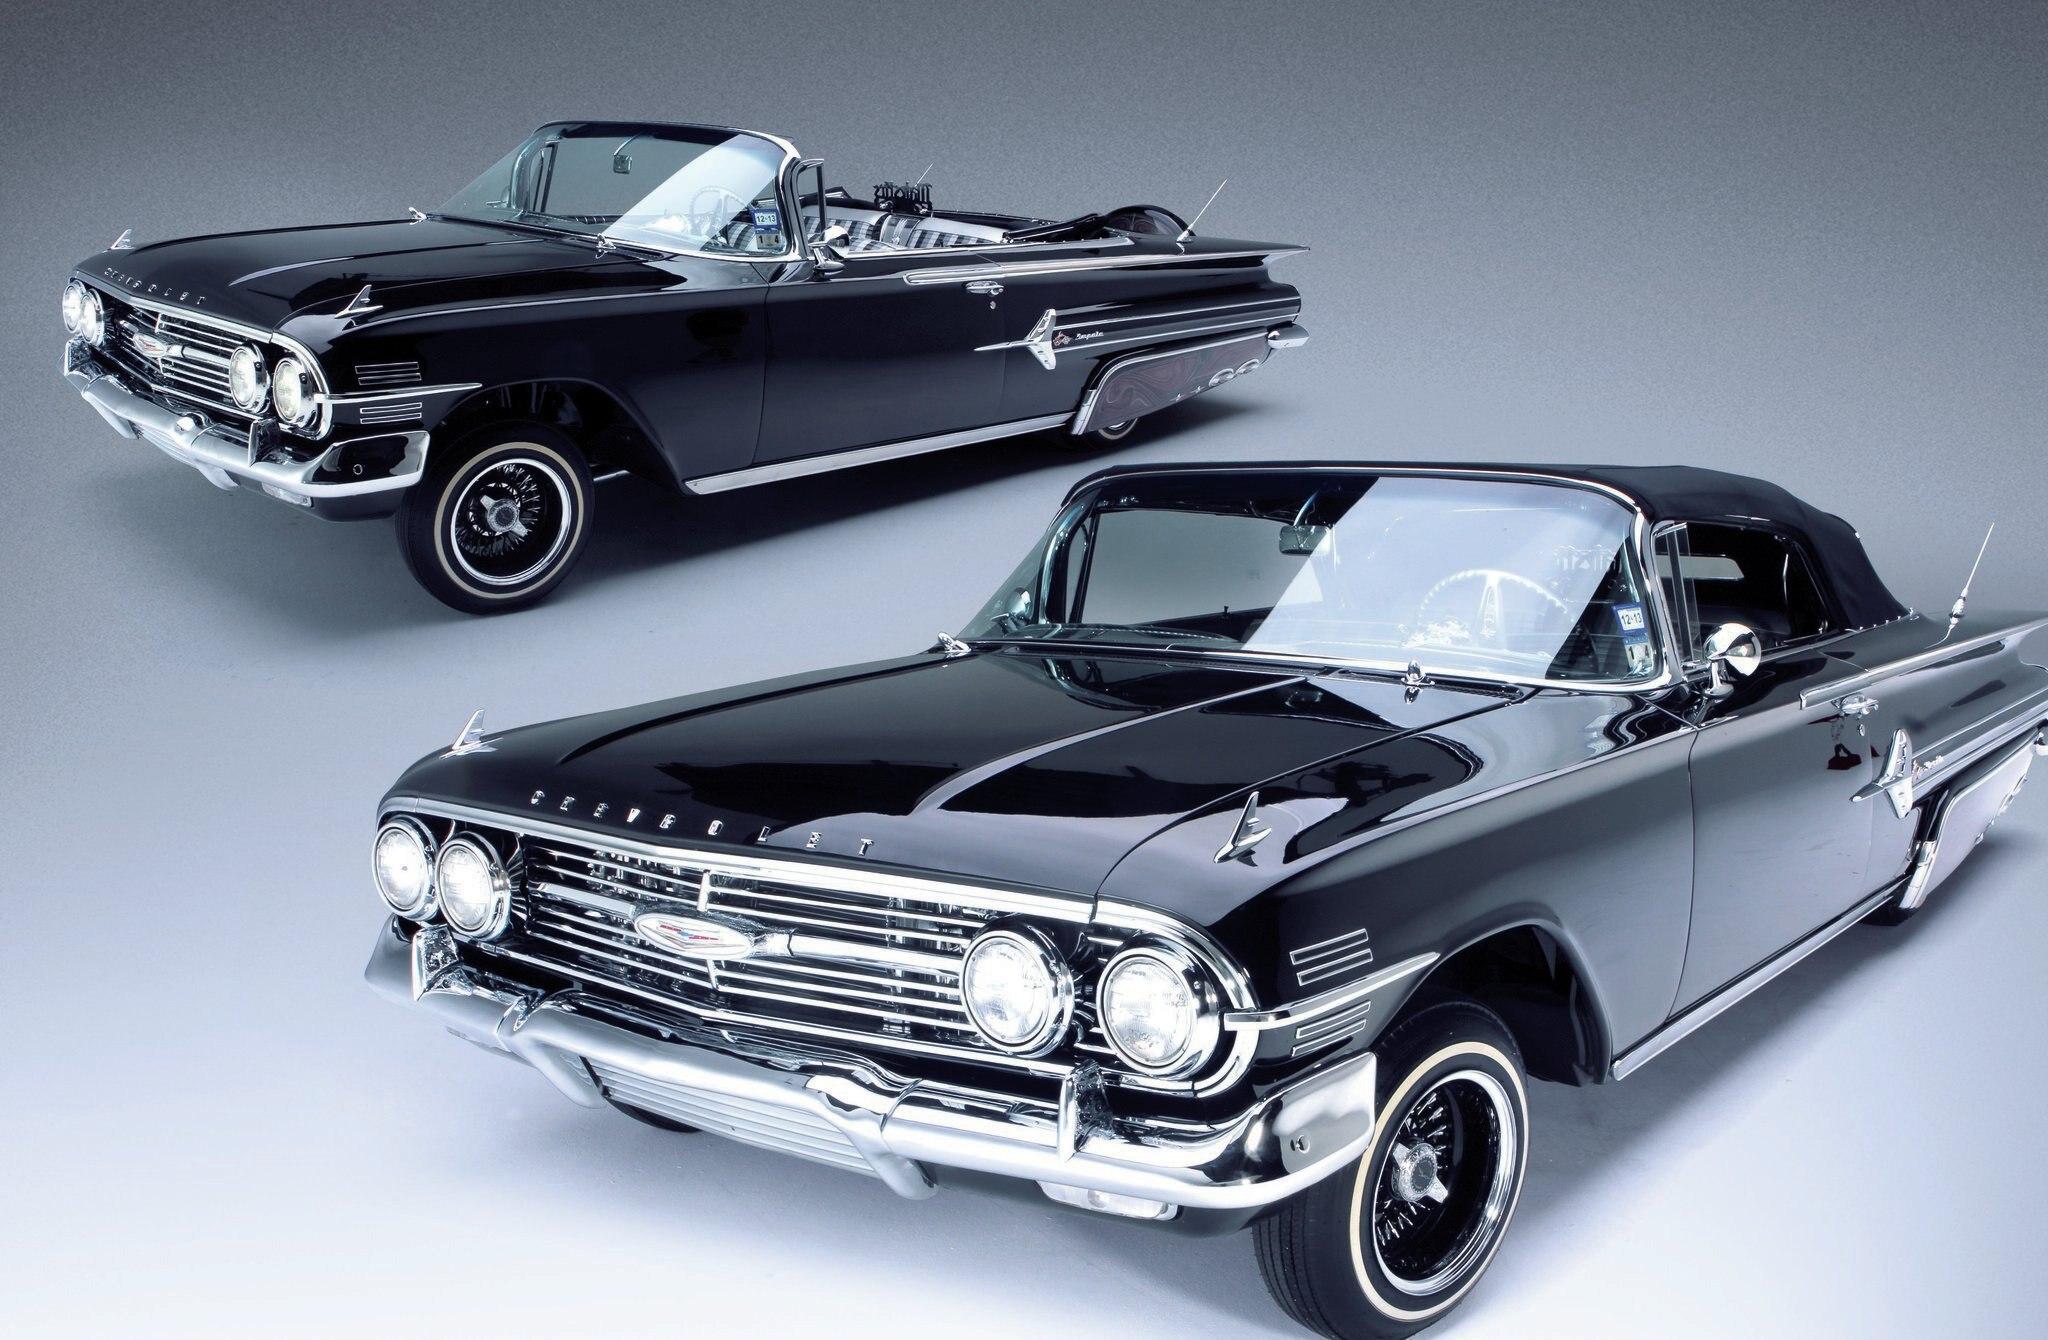 1960 Chevrolet Impala Series - conceptcarz.com